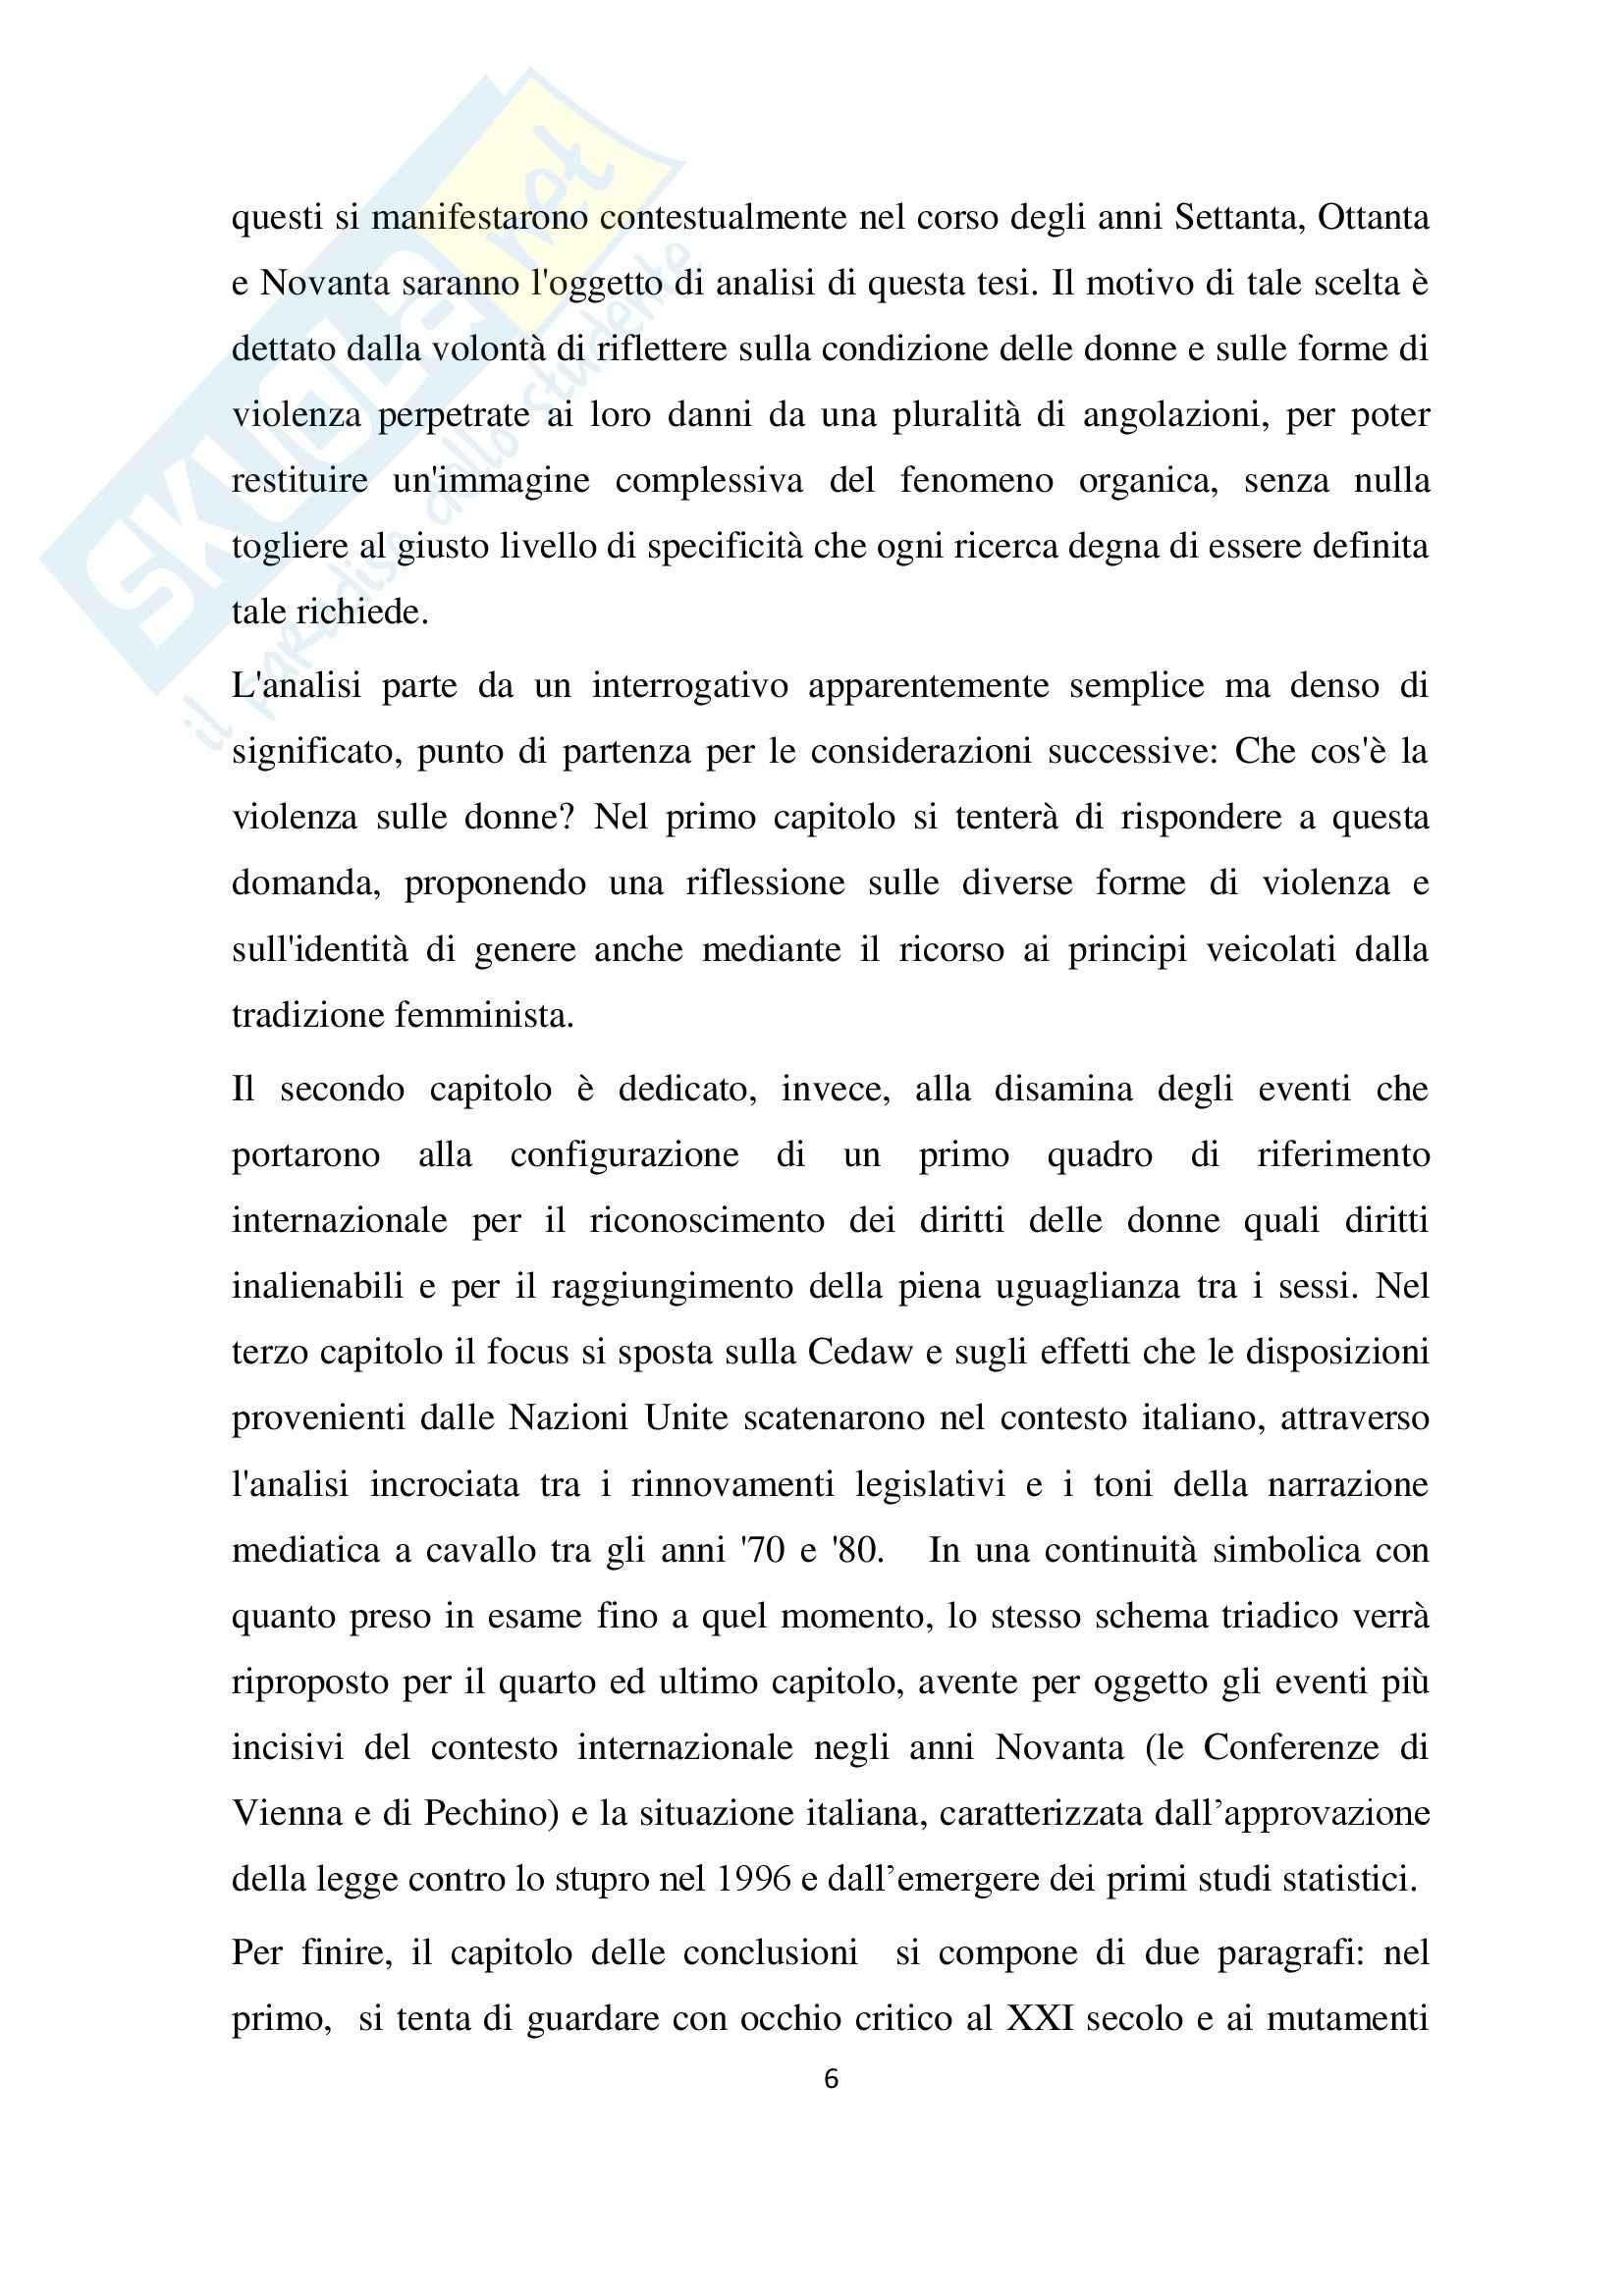 Tesi, violenza contro le donne: un fenomeno multiforme. Il dibattito internazionale sui diritti umani, le trasformazioni del quadro giuridico italiano e il ruolo della stampa Pag. 6